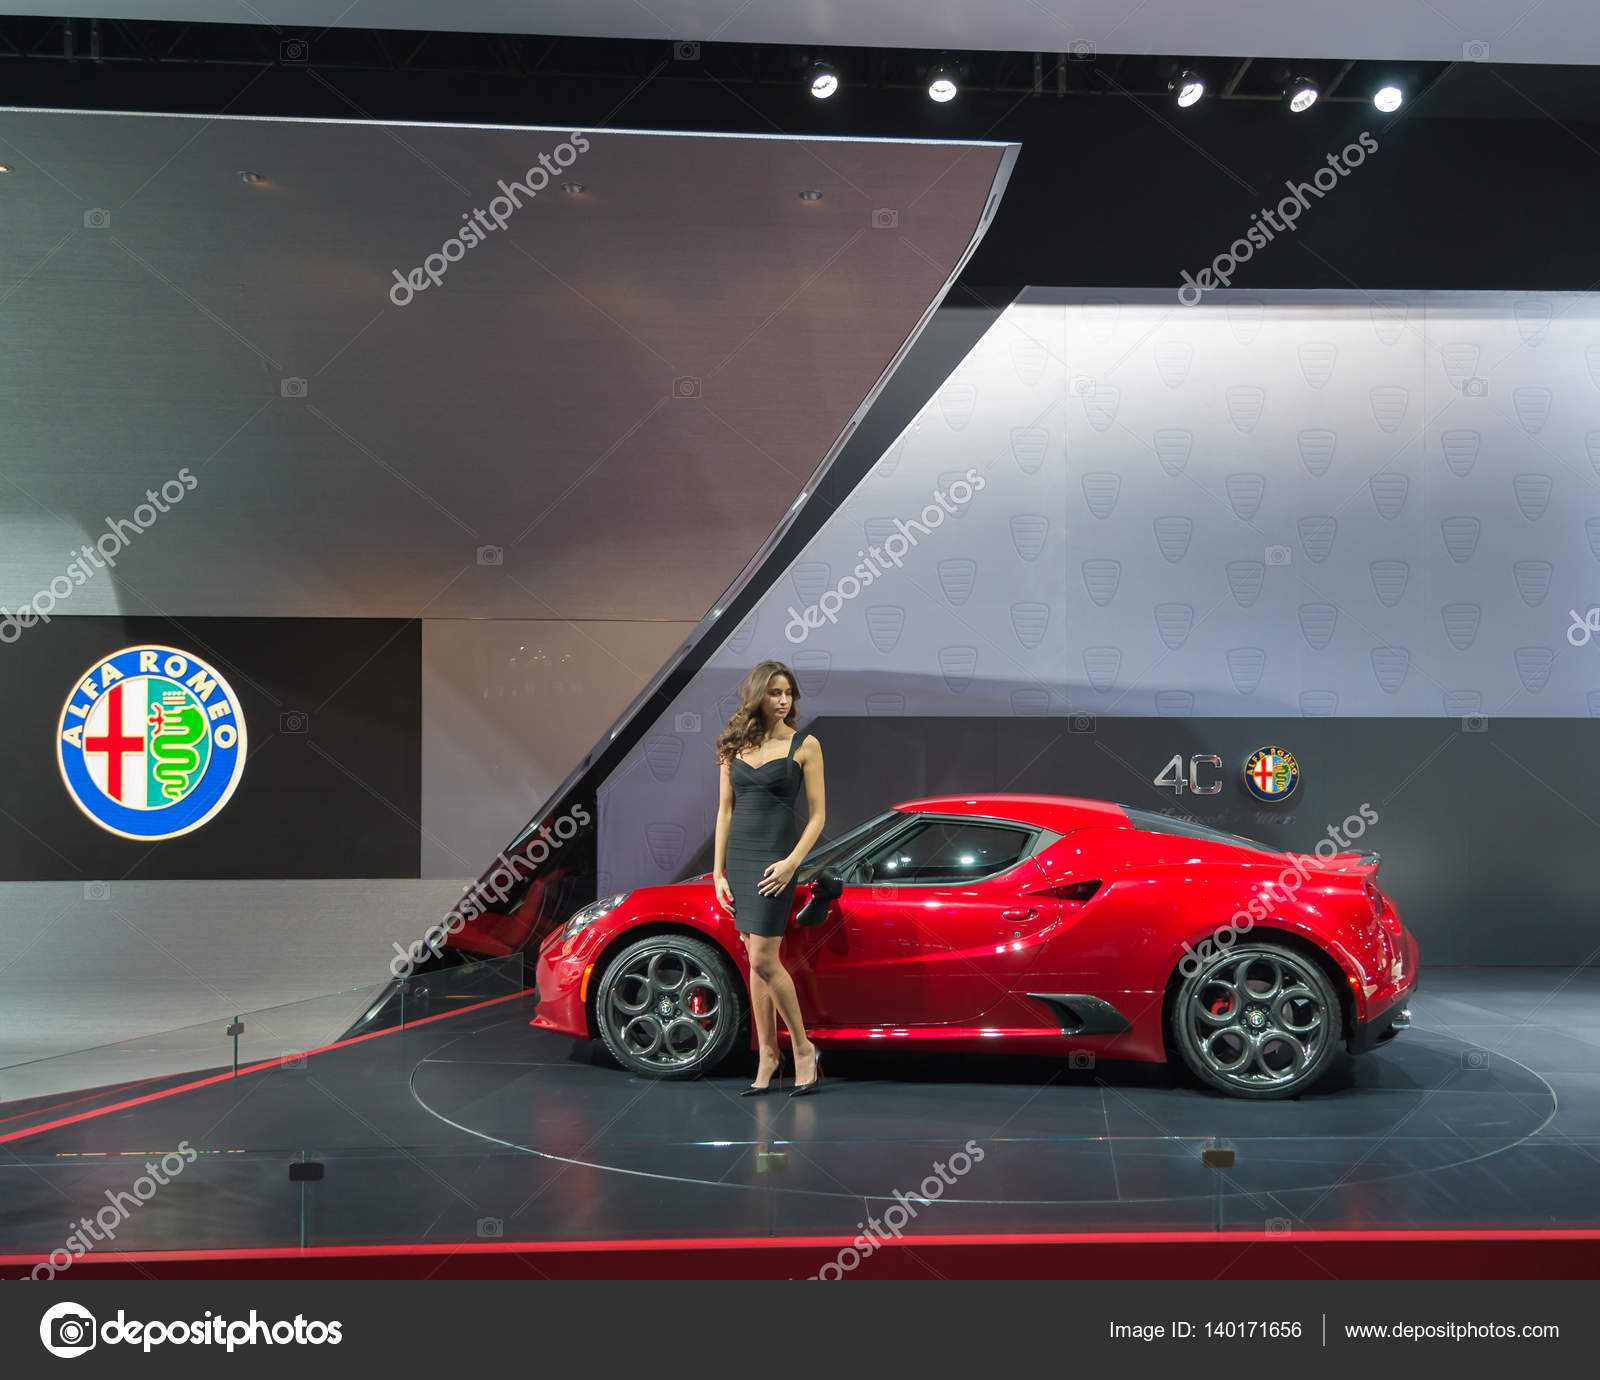 Alfa Romeo 4c Spider Zdjęcie stockowe editorial © slagreca gmail